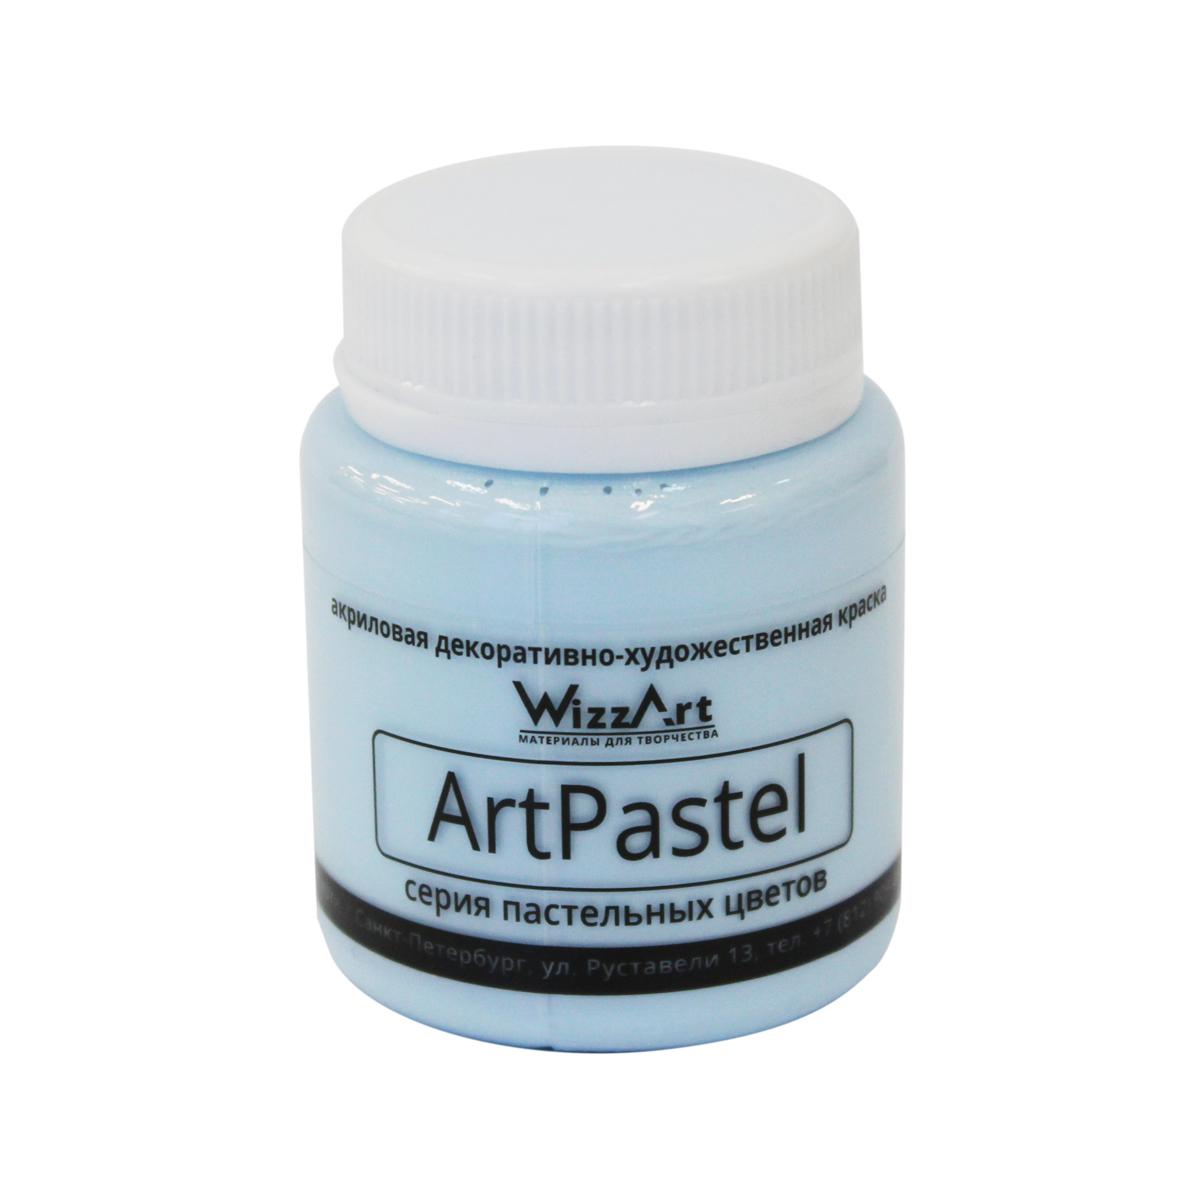 Краска акриловая WizzArt ArtPastel, цвет: бледно-голубой, 80 мл501013Серия пастельных оттенков декоративно-художественных акриловых красок от компании WizzArt называется ArtPastel и прекрасно дополняет ассортимент красок этой фирмы. Богатая гамма легких и нежных оттенков дает широкие возможности для воплощения творческих замыслов художников и рукодельниц. Все тона отлично сочетаются между собой. Эти акриловые краски ложатся ровно и приятны в работе, имеют прочное сцепление с поверхностью, не меняют цвет под воздействием внешней среды и не выгорают на свету. Для наилучшего сцепления твердые поверхности необходимо обезжирить, перед тем как покрыть их краской. Краски WizzArt подходят для декоративных работ на всевозможных поверхностях, как гладких, так и пористых. Отличное качество продукции непременно оценят поклонницы различных видов творчества, в которых нужно работать с красками. Пастельные акриловые краски ArtPastel не имеют резкого запаха, не выделяют вредных веществ, после высыхания приобретают устойчивость к воздействию влаги.Объем: 80 мл.Товар сертифицирован.